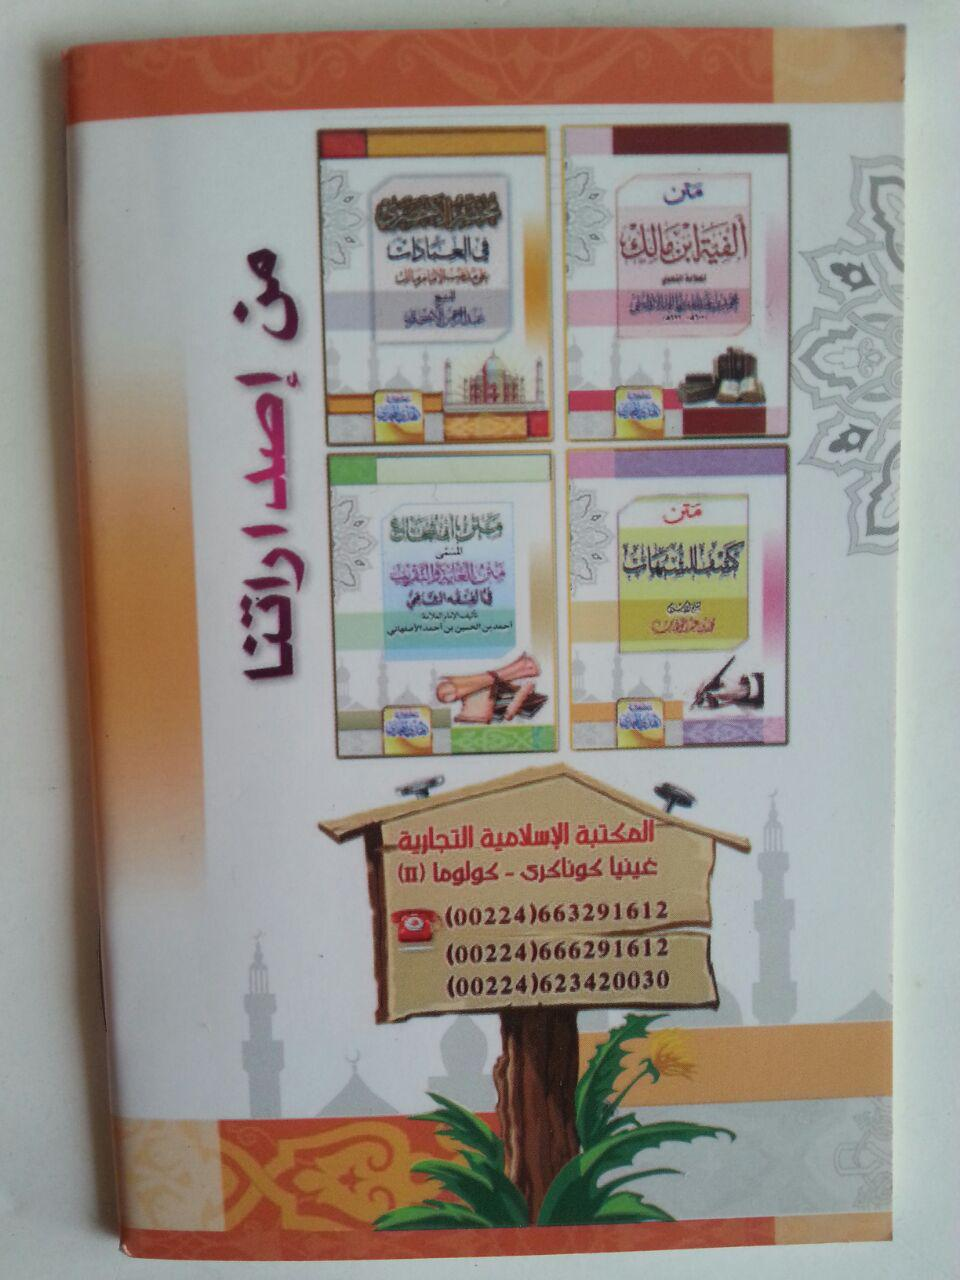 Kitab Matan Tuhfatul Athfal Dan Matan Al-Jazariyyah Fit Tajwid cover